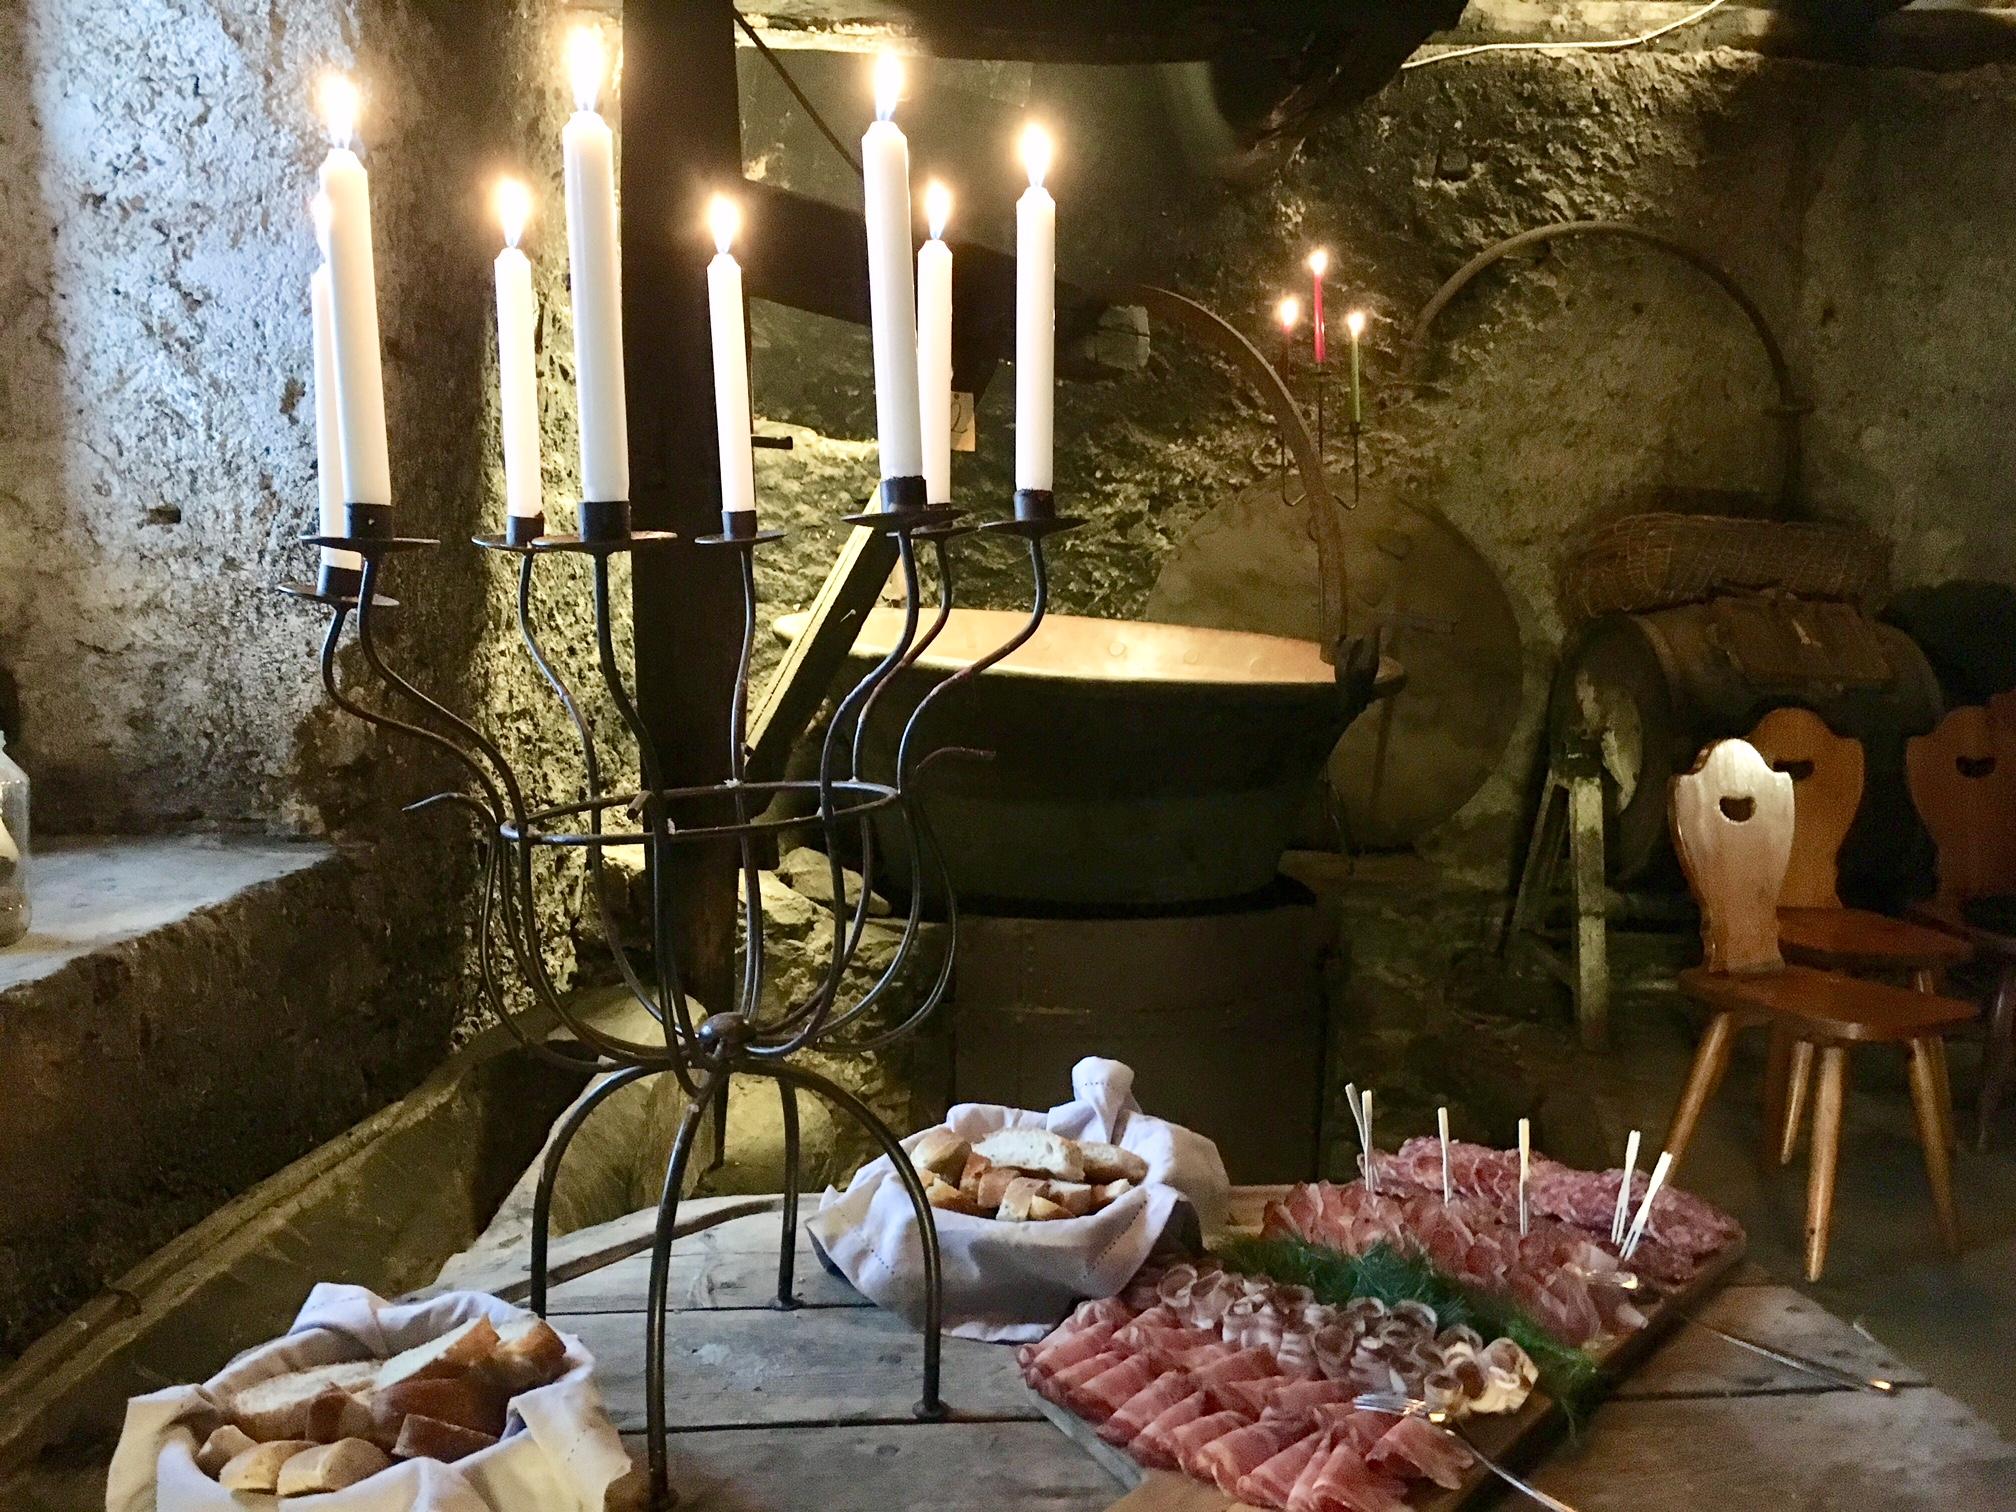 Cene al lune di candela per gli innamorati (Germana Cabrelle)